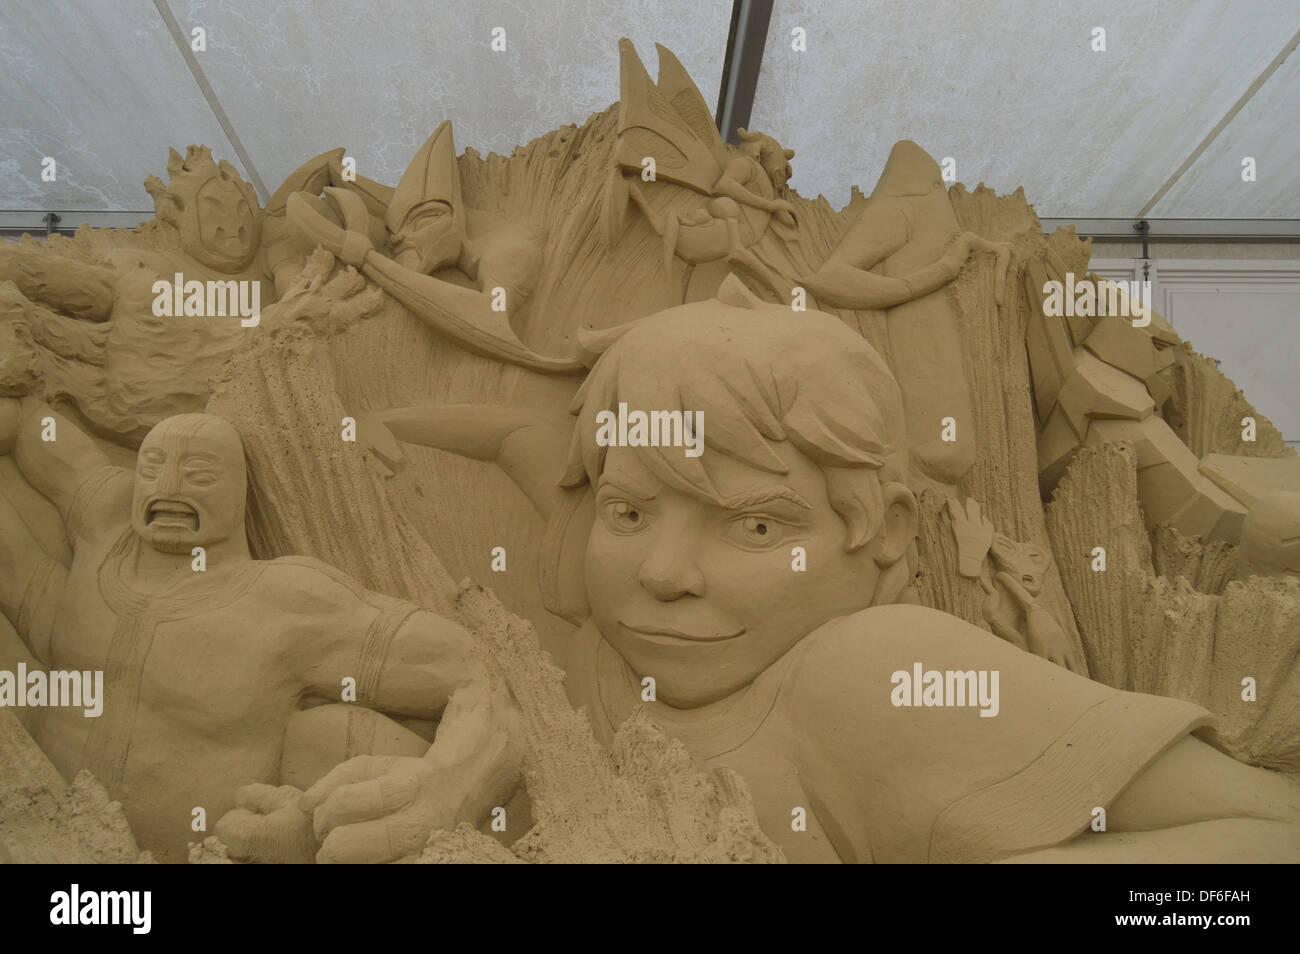 sci fi sand sculpture - Stock Image